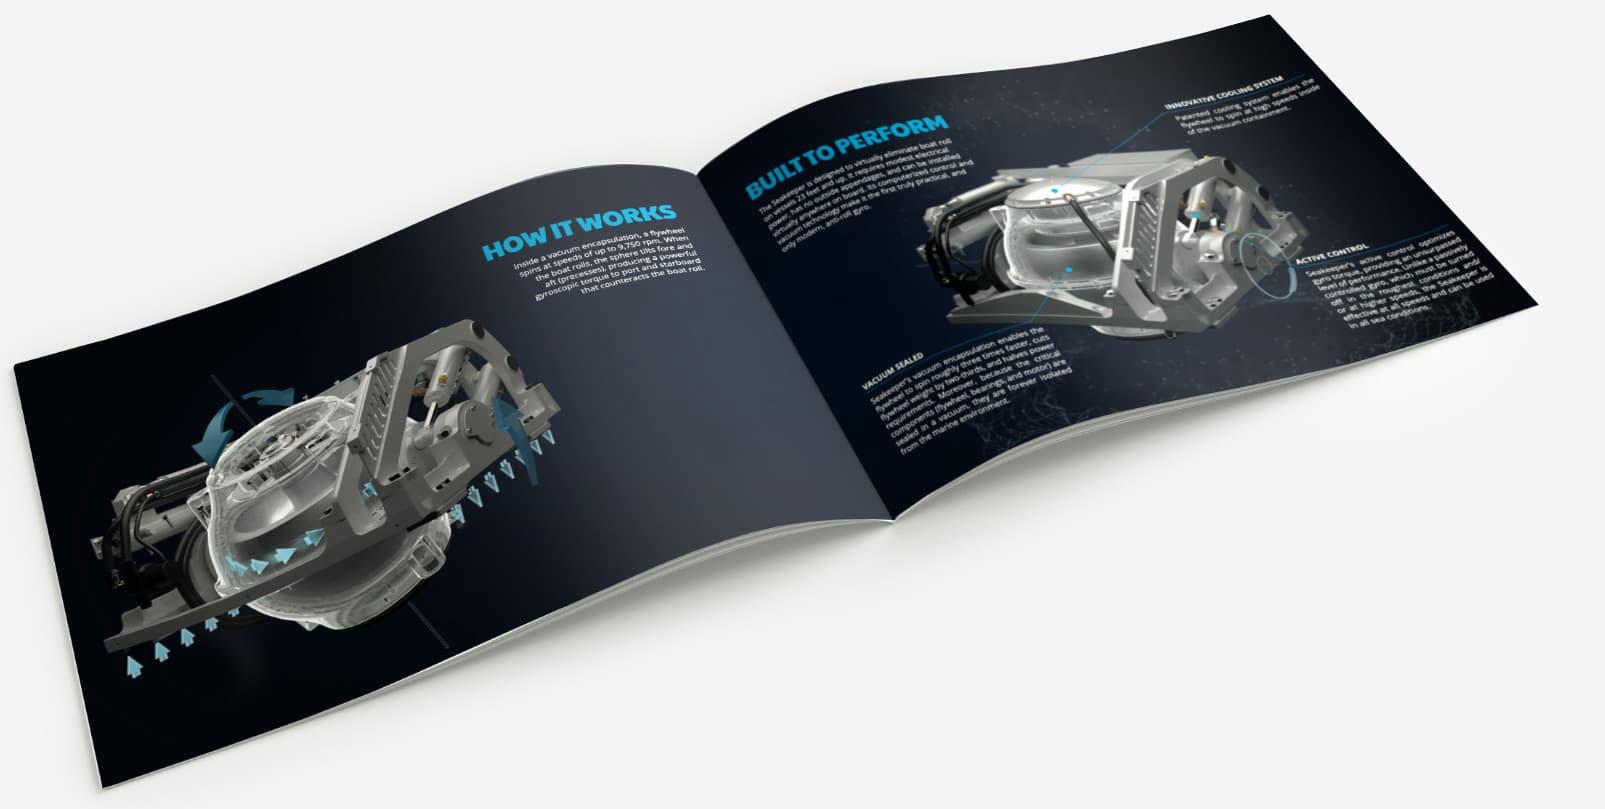 Seakeeper Brochure